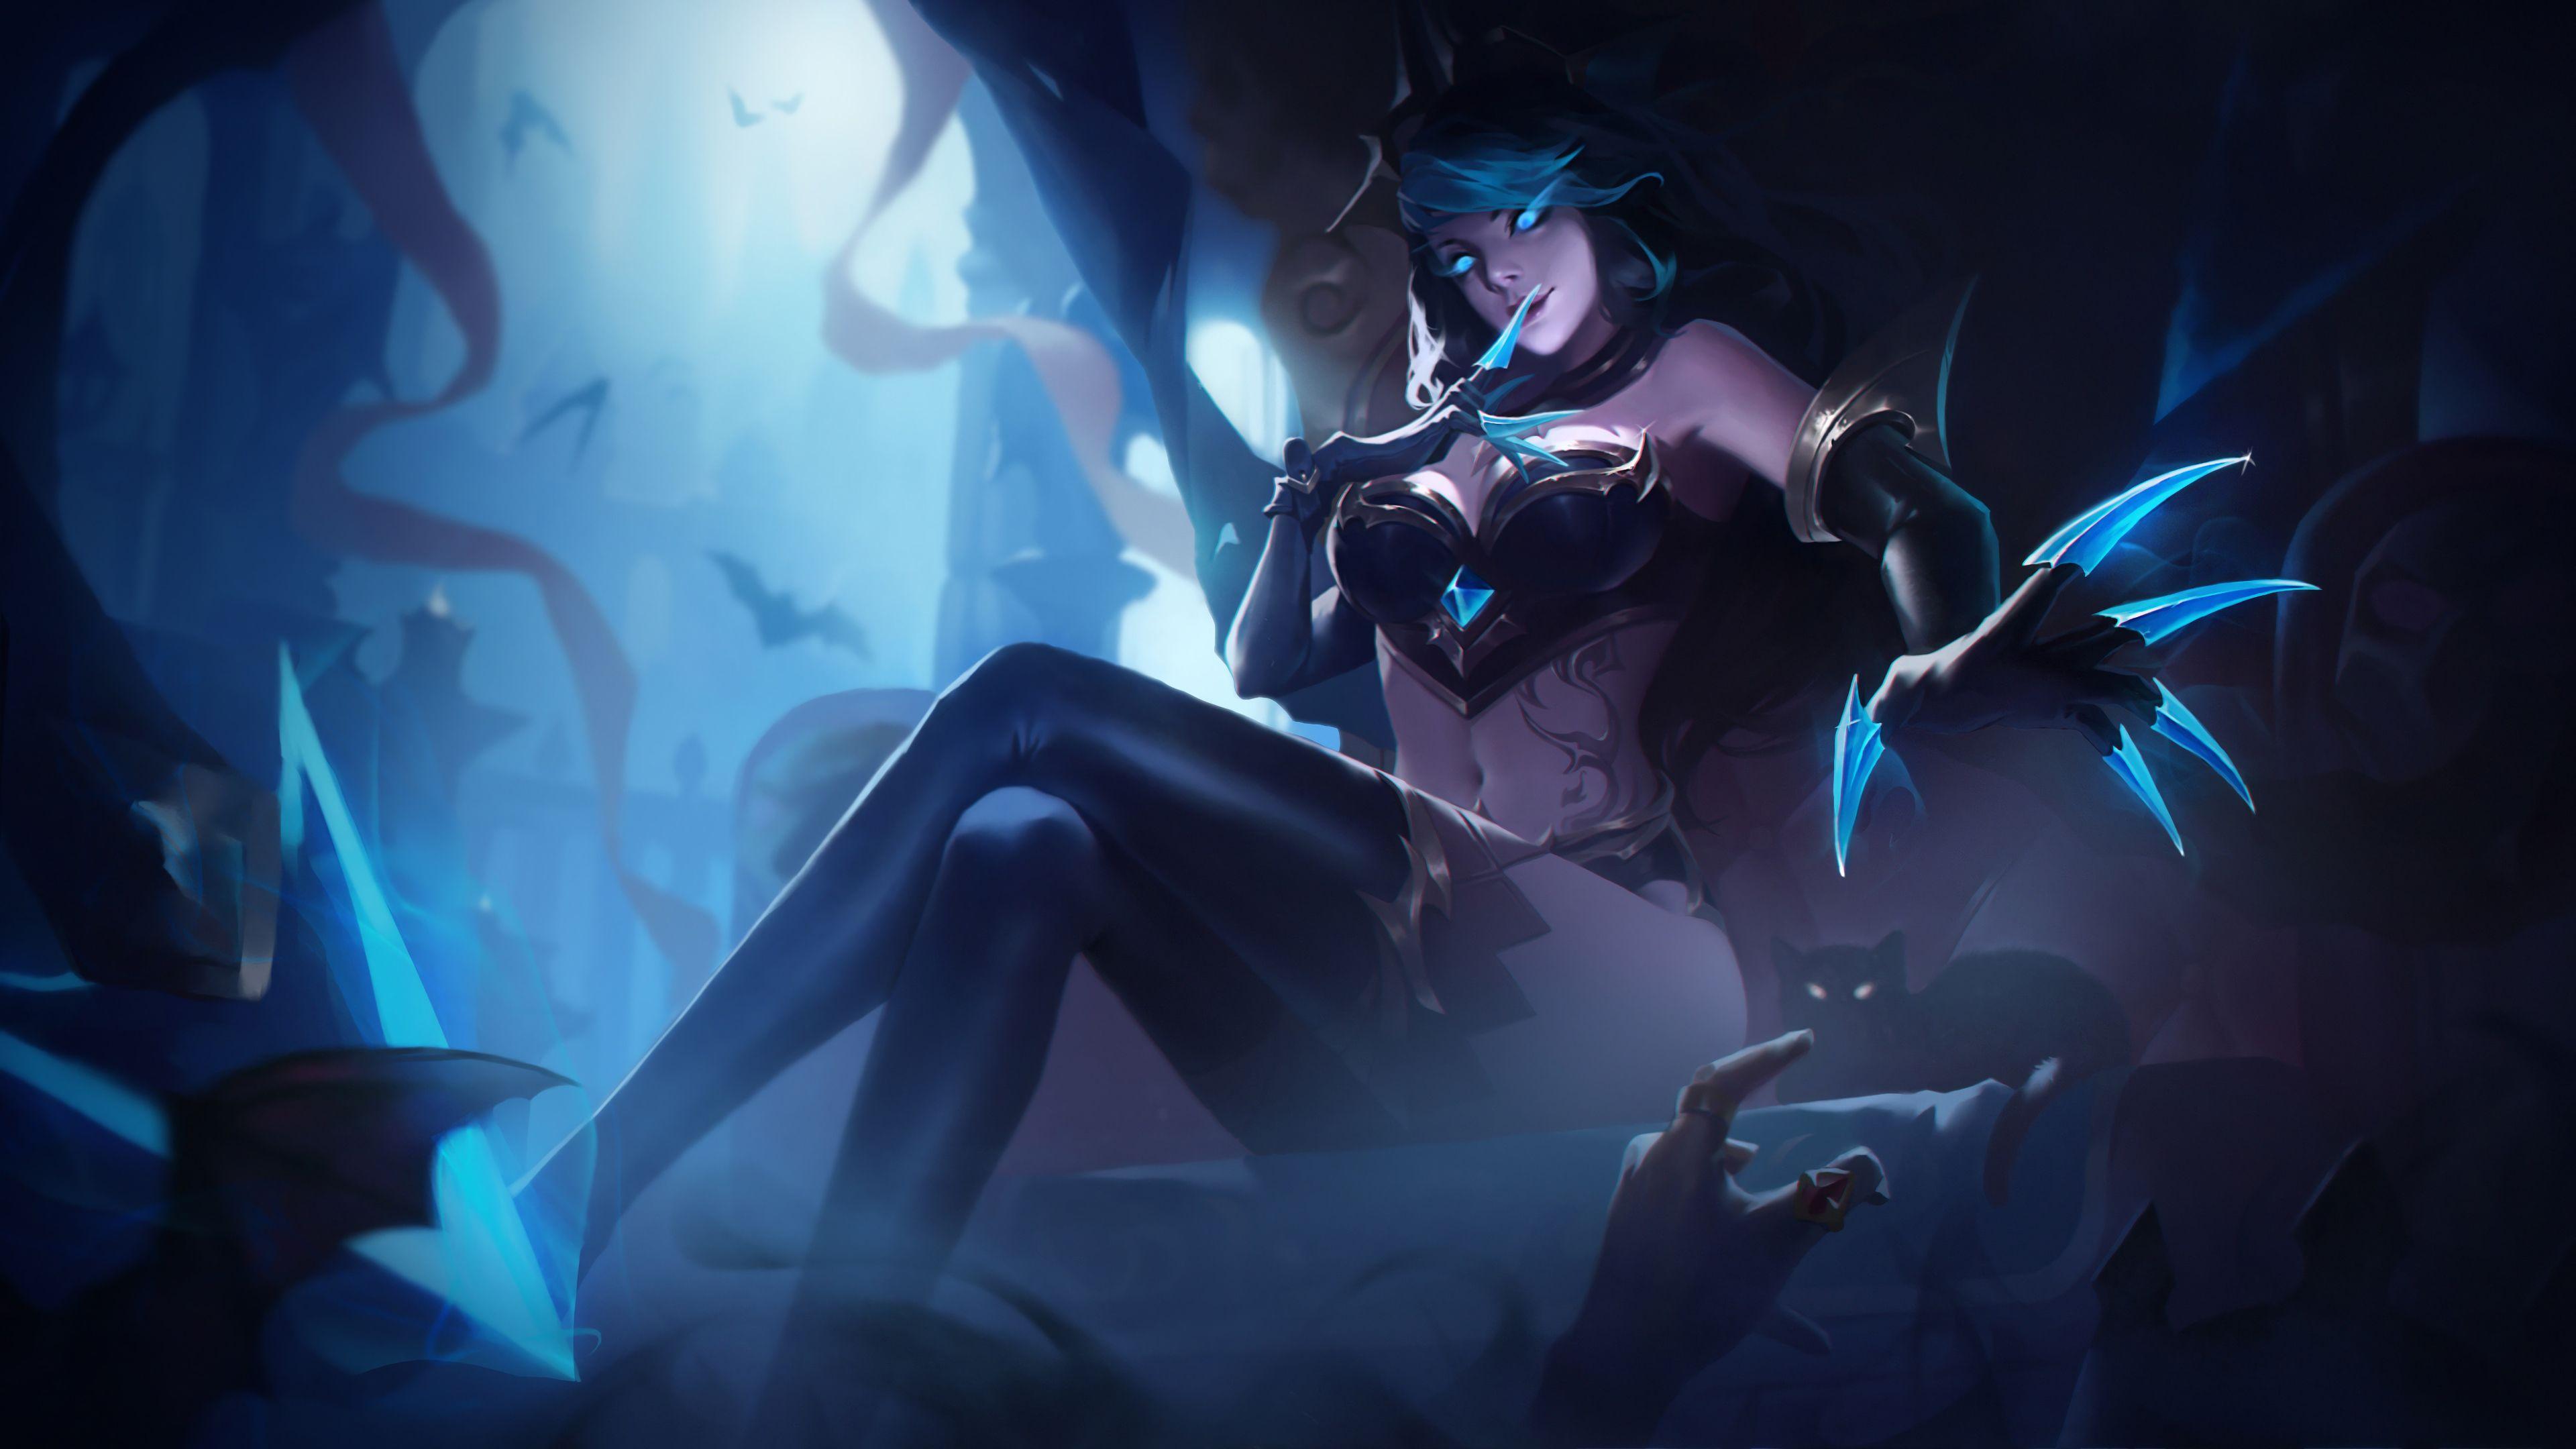 Shadow Evelynn League Of Legends Lol Lol League Of Legends Evelynn League Of Legends League Of Legends Characters Lol League Of Legends